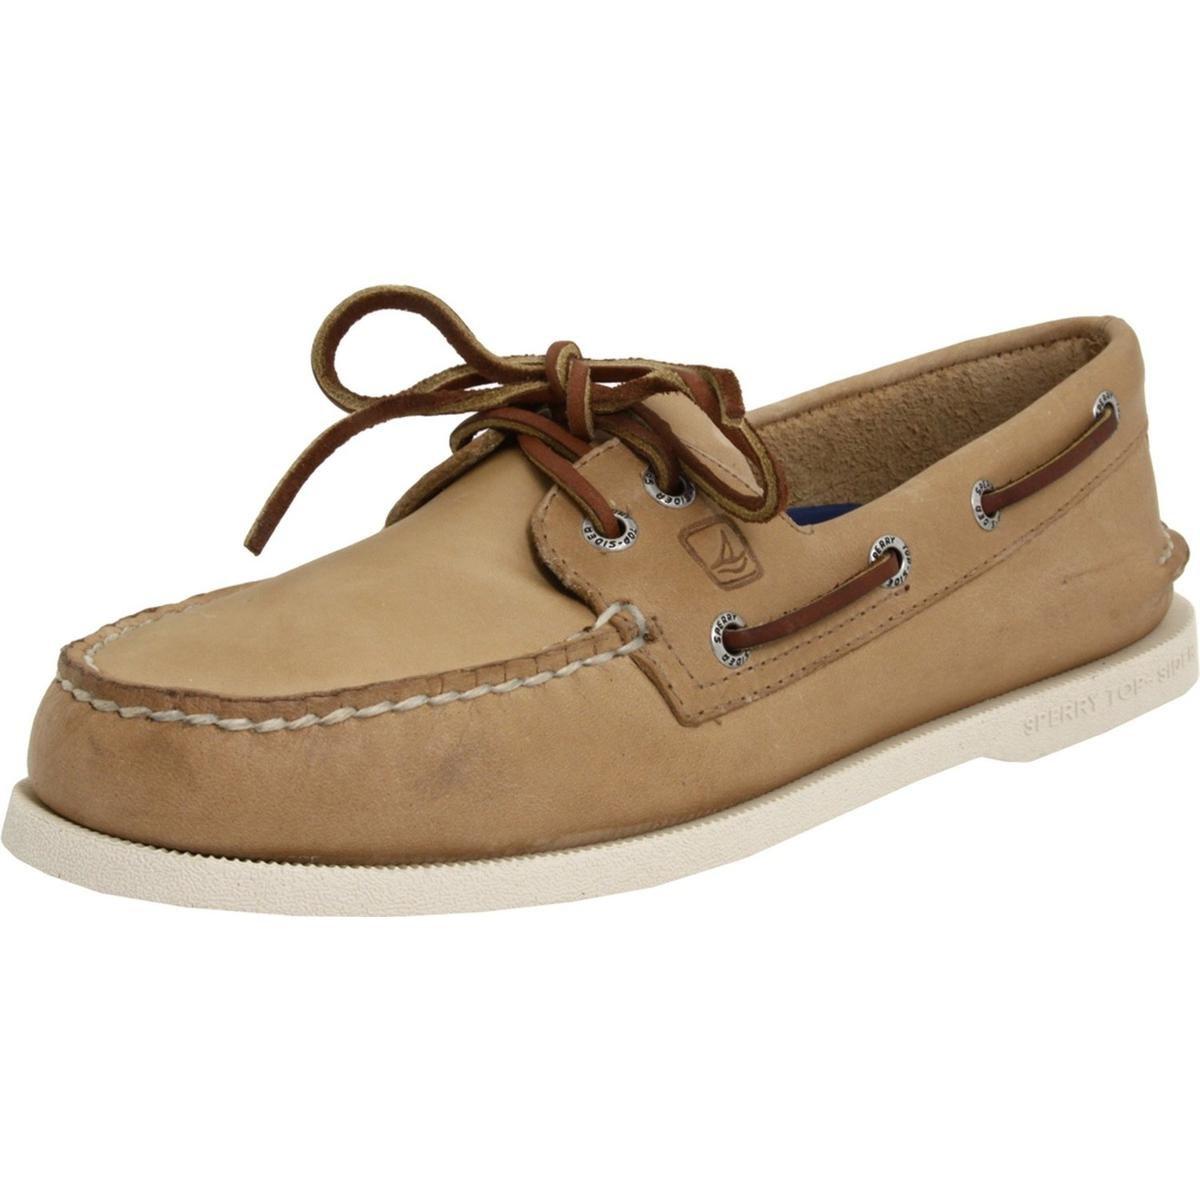 Sperry Top-Sider Men's A/O 2-Eye Boat Shoe, Oatmeal, 10 W US